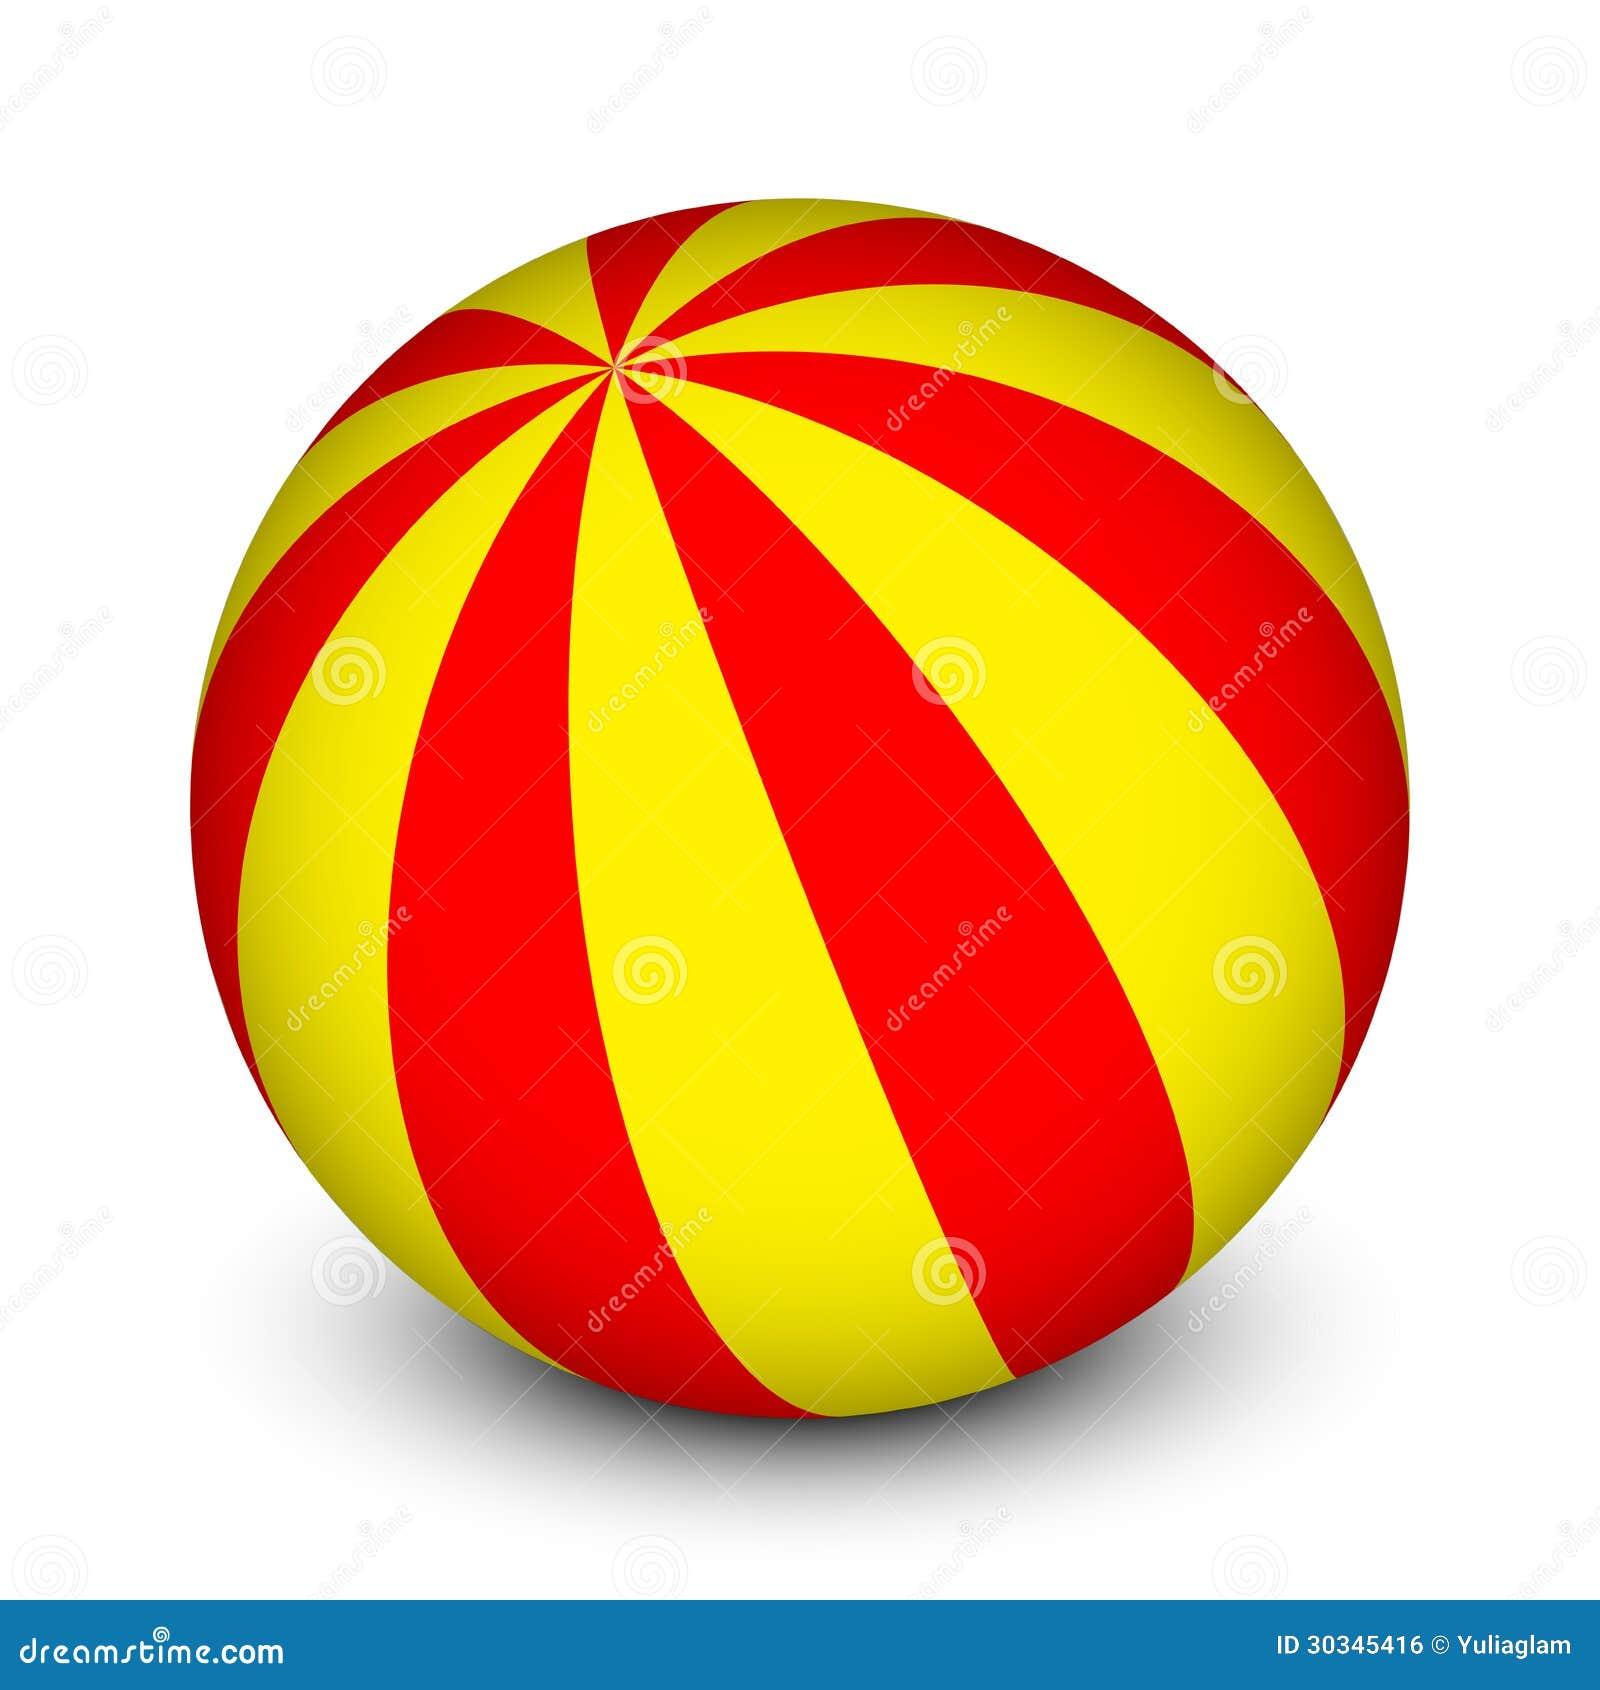 Bola Vermelha E Amarela Imagem de Stock Royalty Free ...